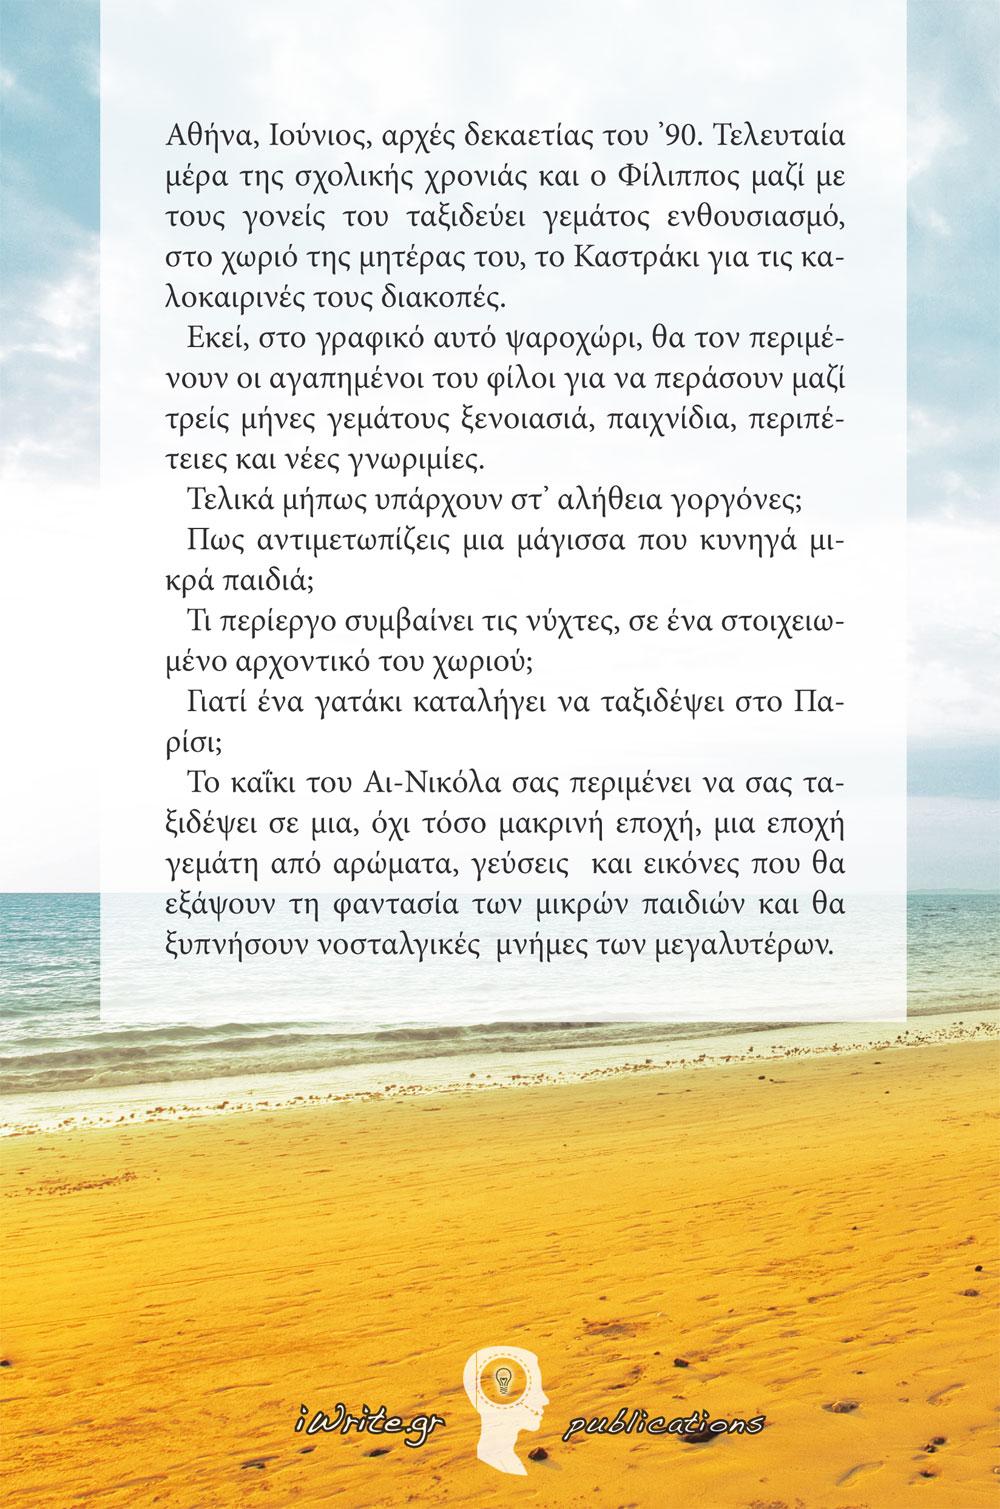 Οπισθόφυλλο, Ένα καΐκι που το 'λέγαν Αϊ-Νικόλα, Εκδόσεις iWrite